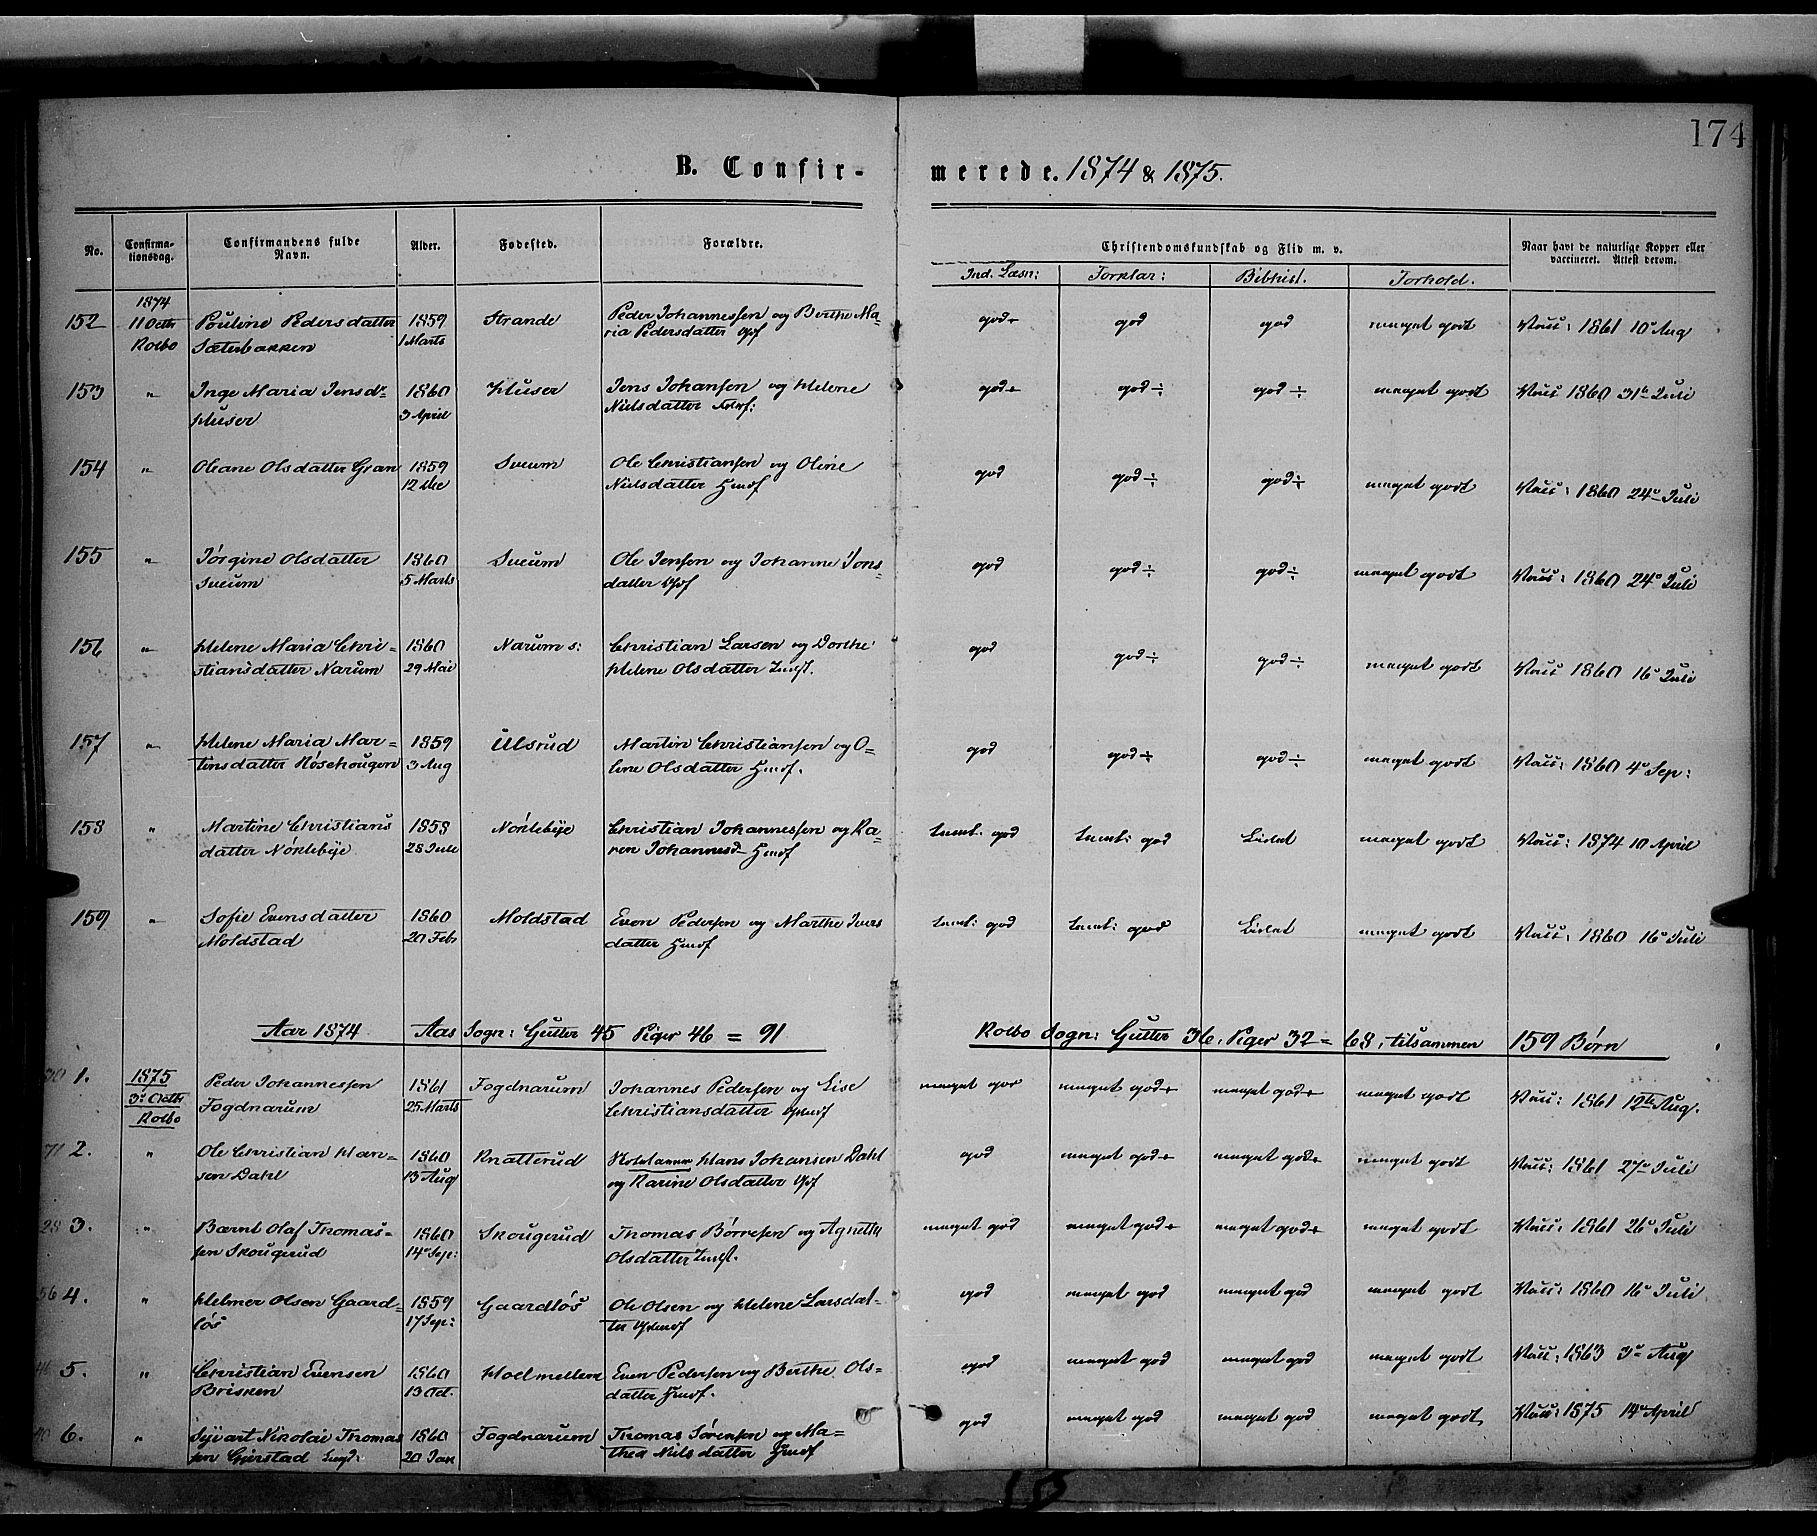 SAH, Vestre Toten prestekontor, Ministerialbok nr. 8, 1870-1877, s. 174